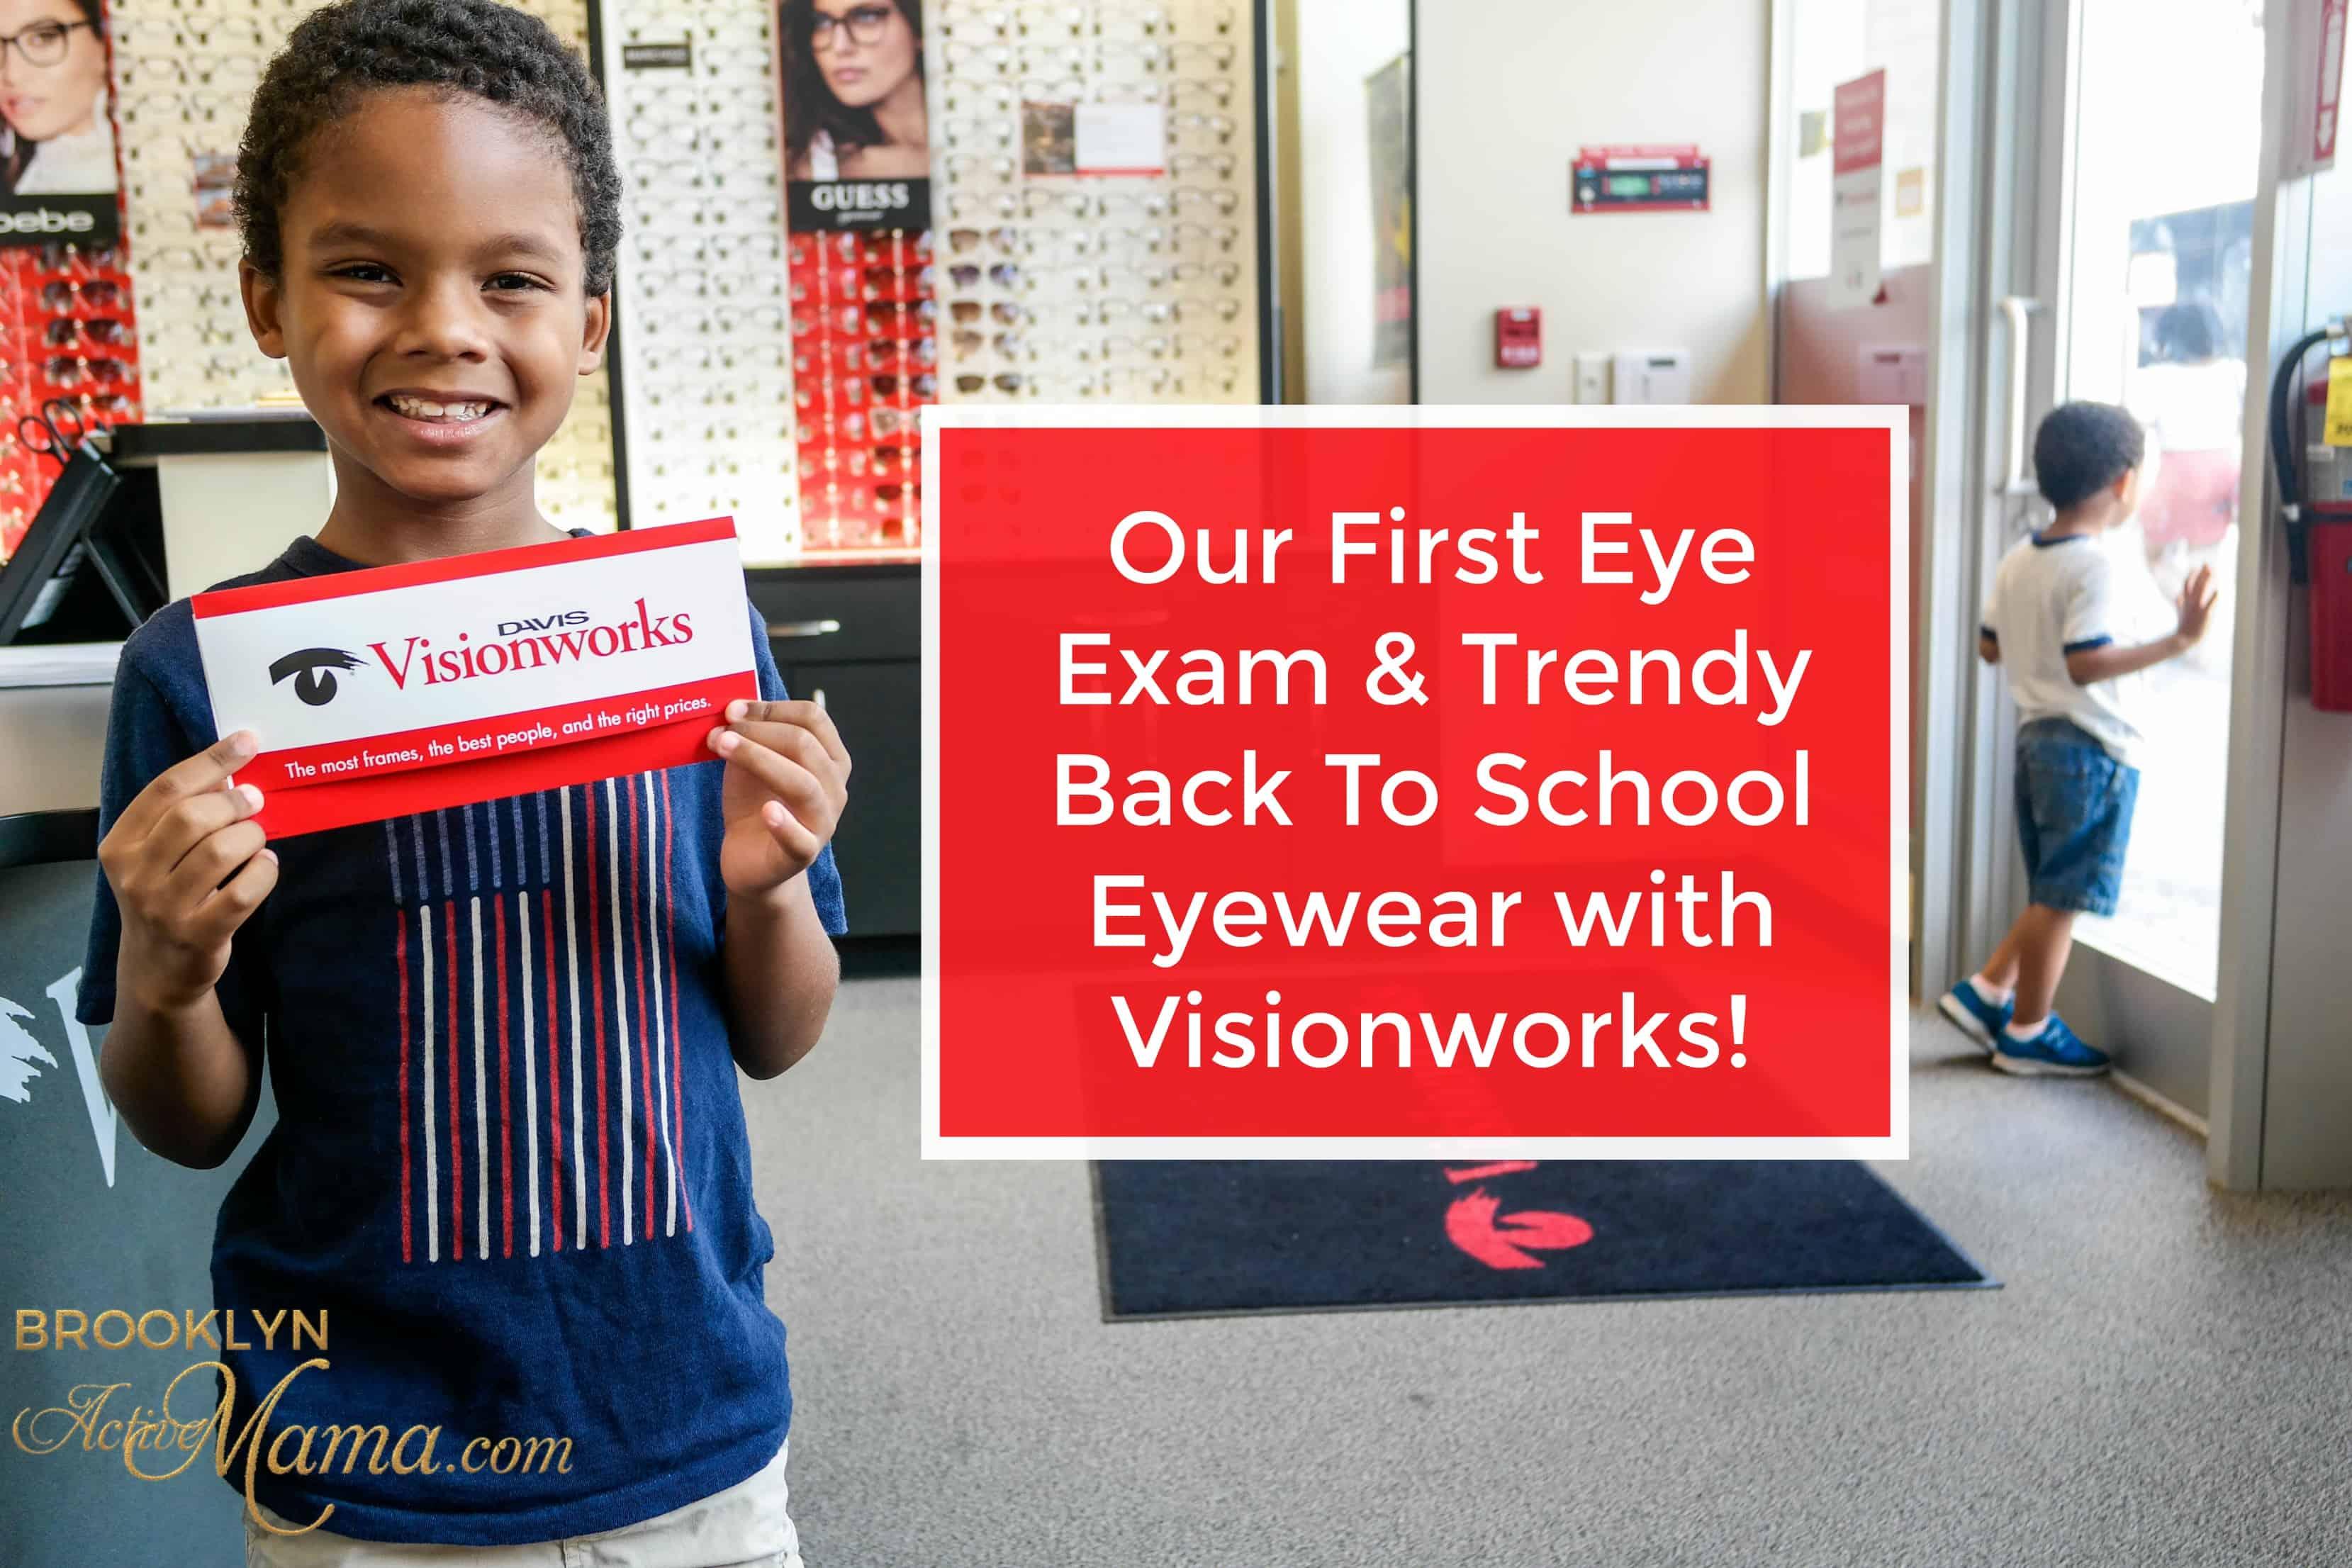 trendy back to schoo eyewear with visionworks